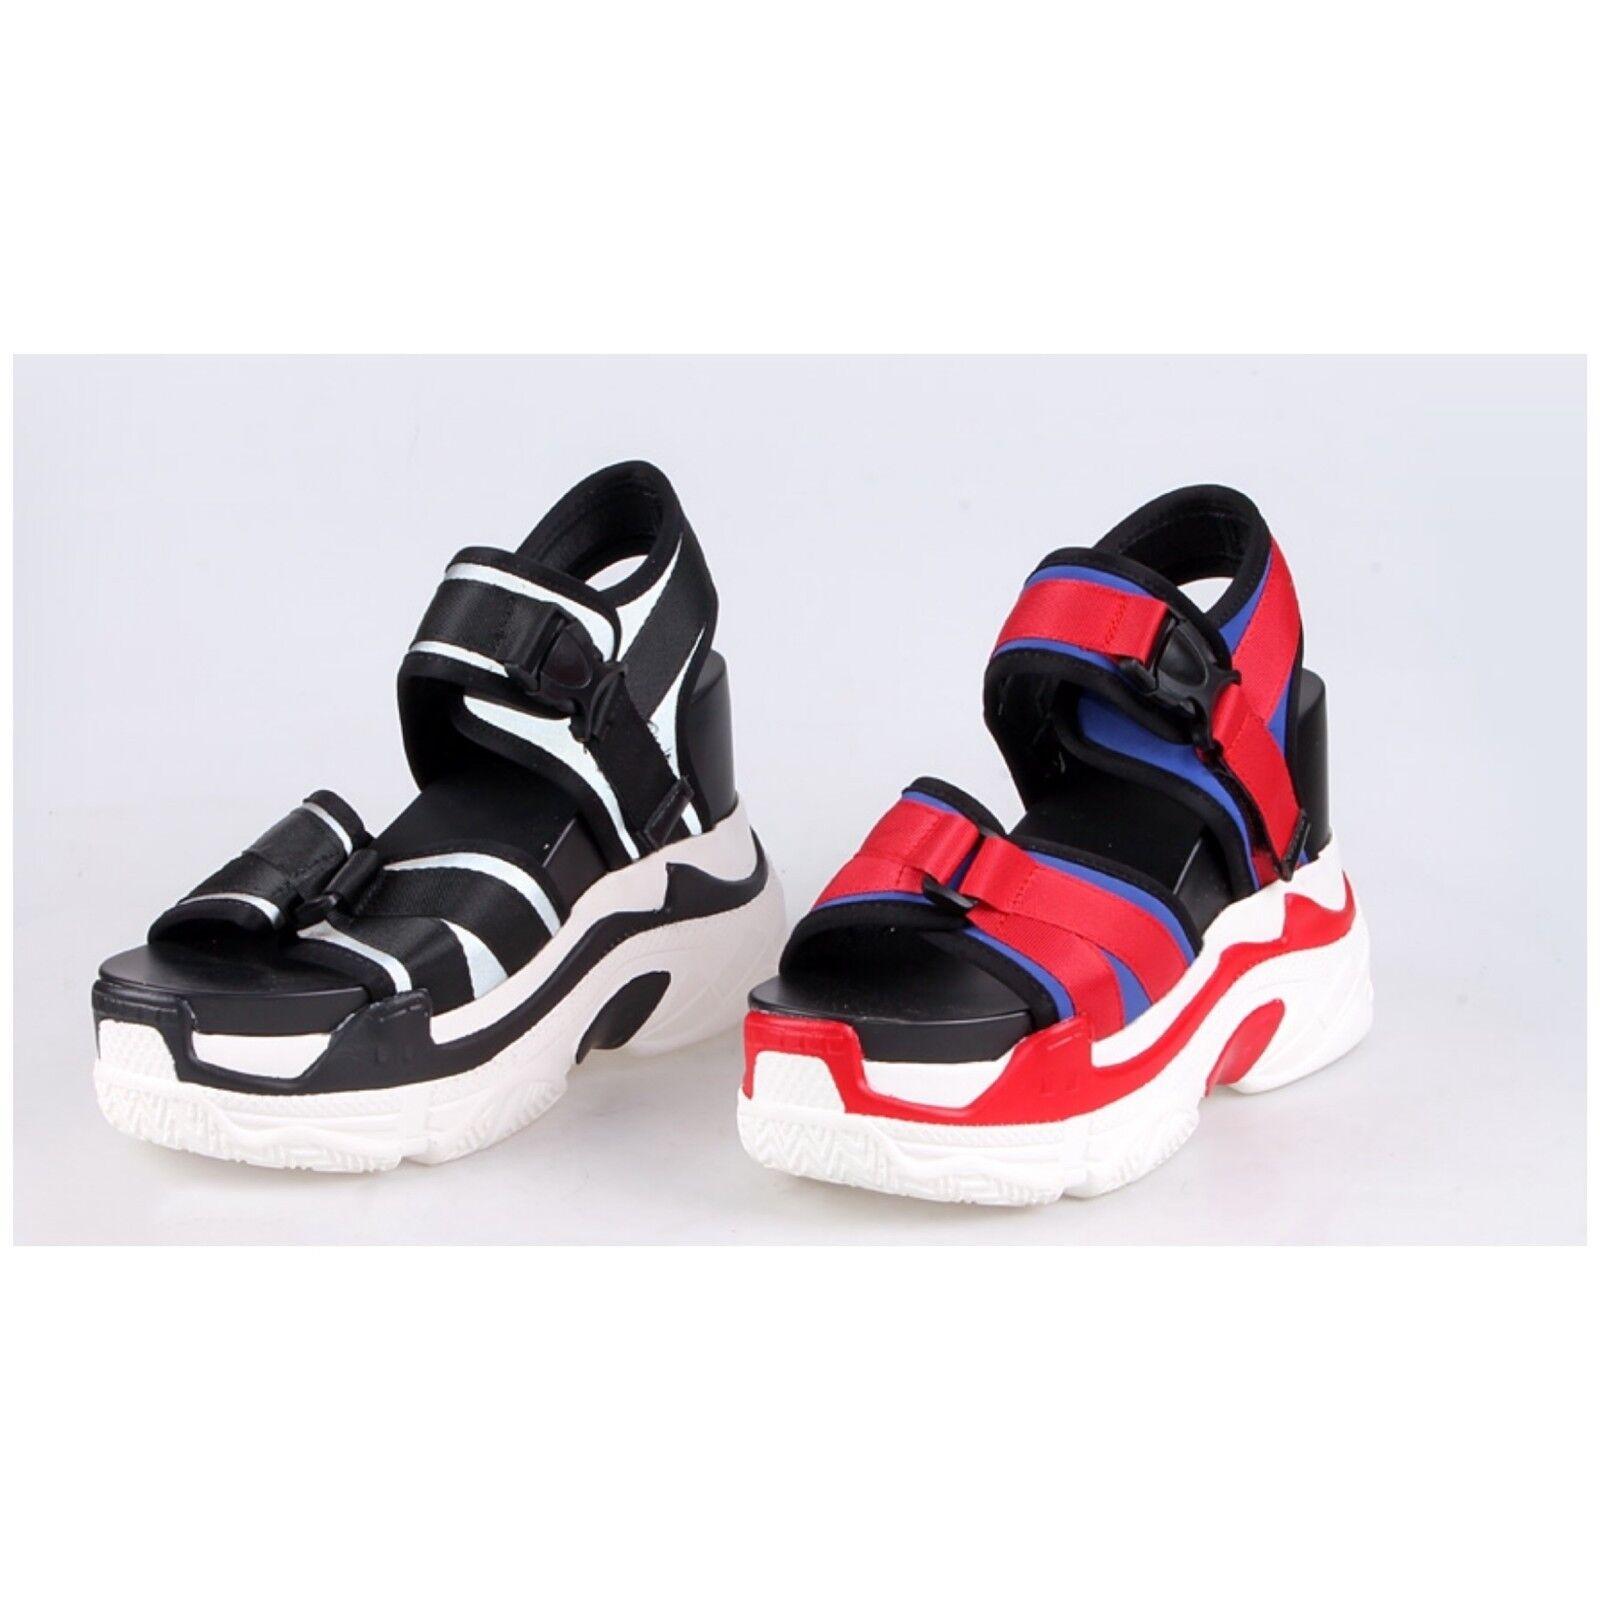 Anthony Wang POMELO Black White Buckle Sandal Hidden Wedge Platform Sneaker